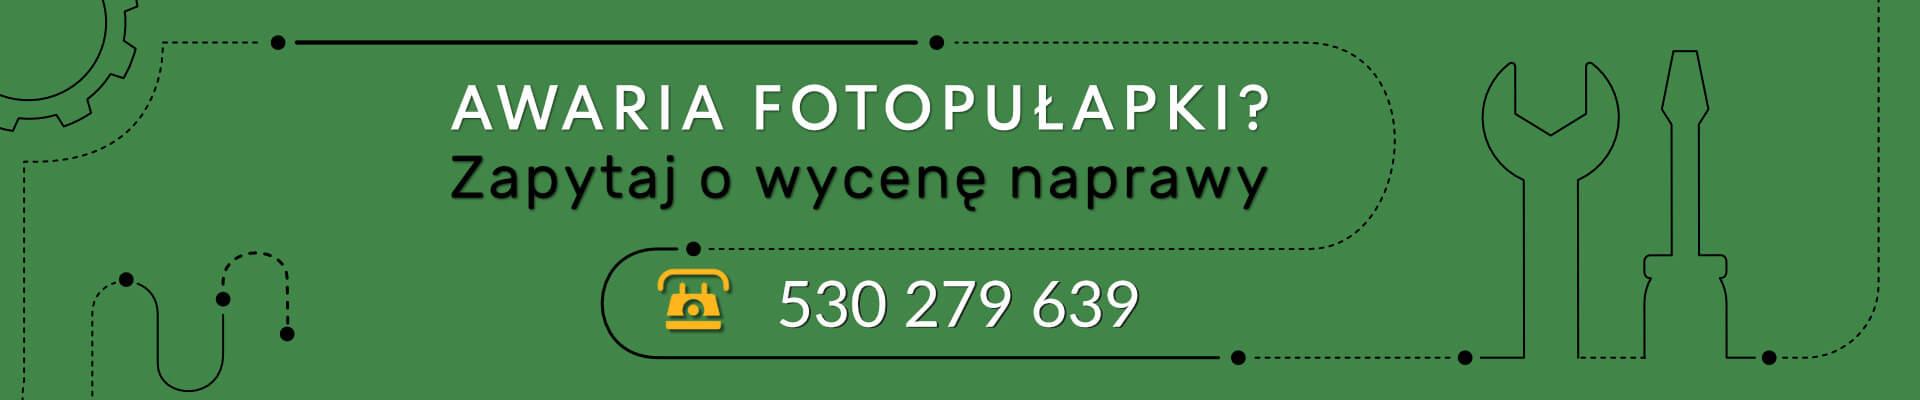 Serwis fotopułapek